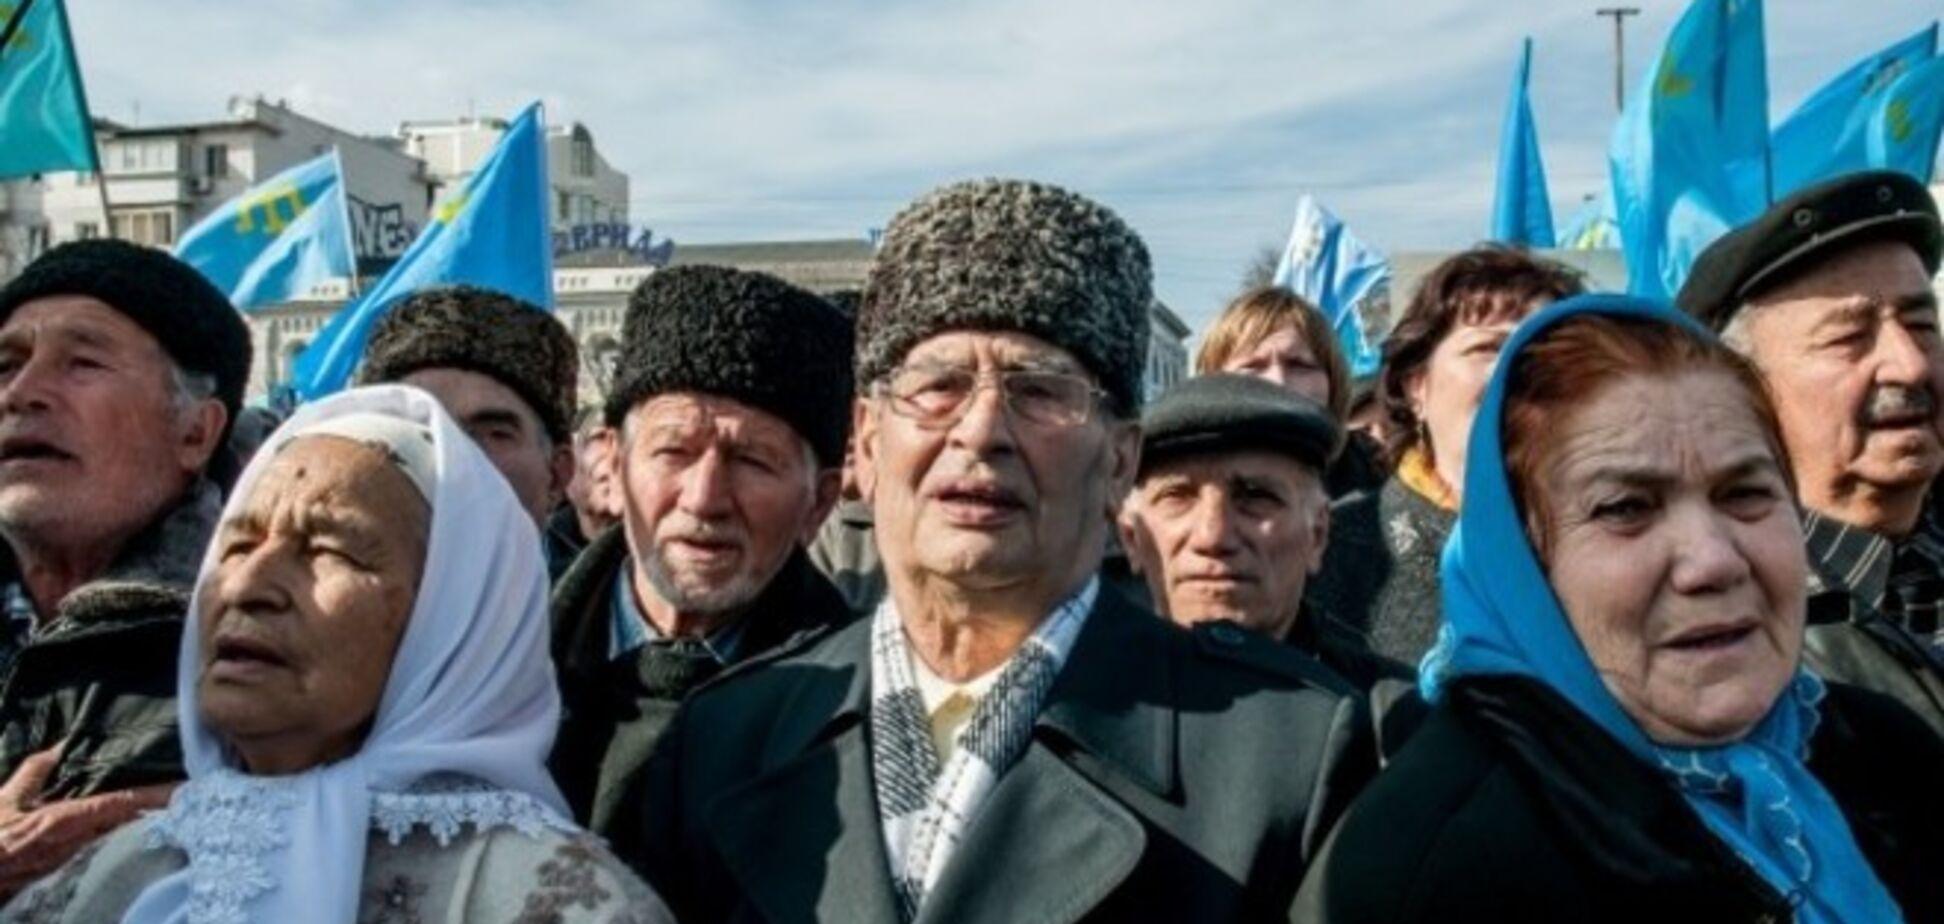 Крымским татарам запретили митинги и в Севастополе